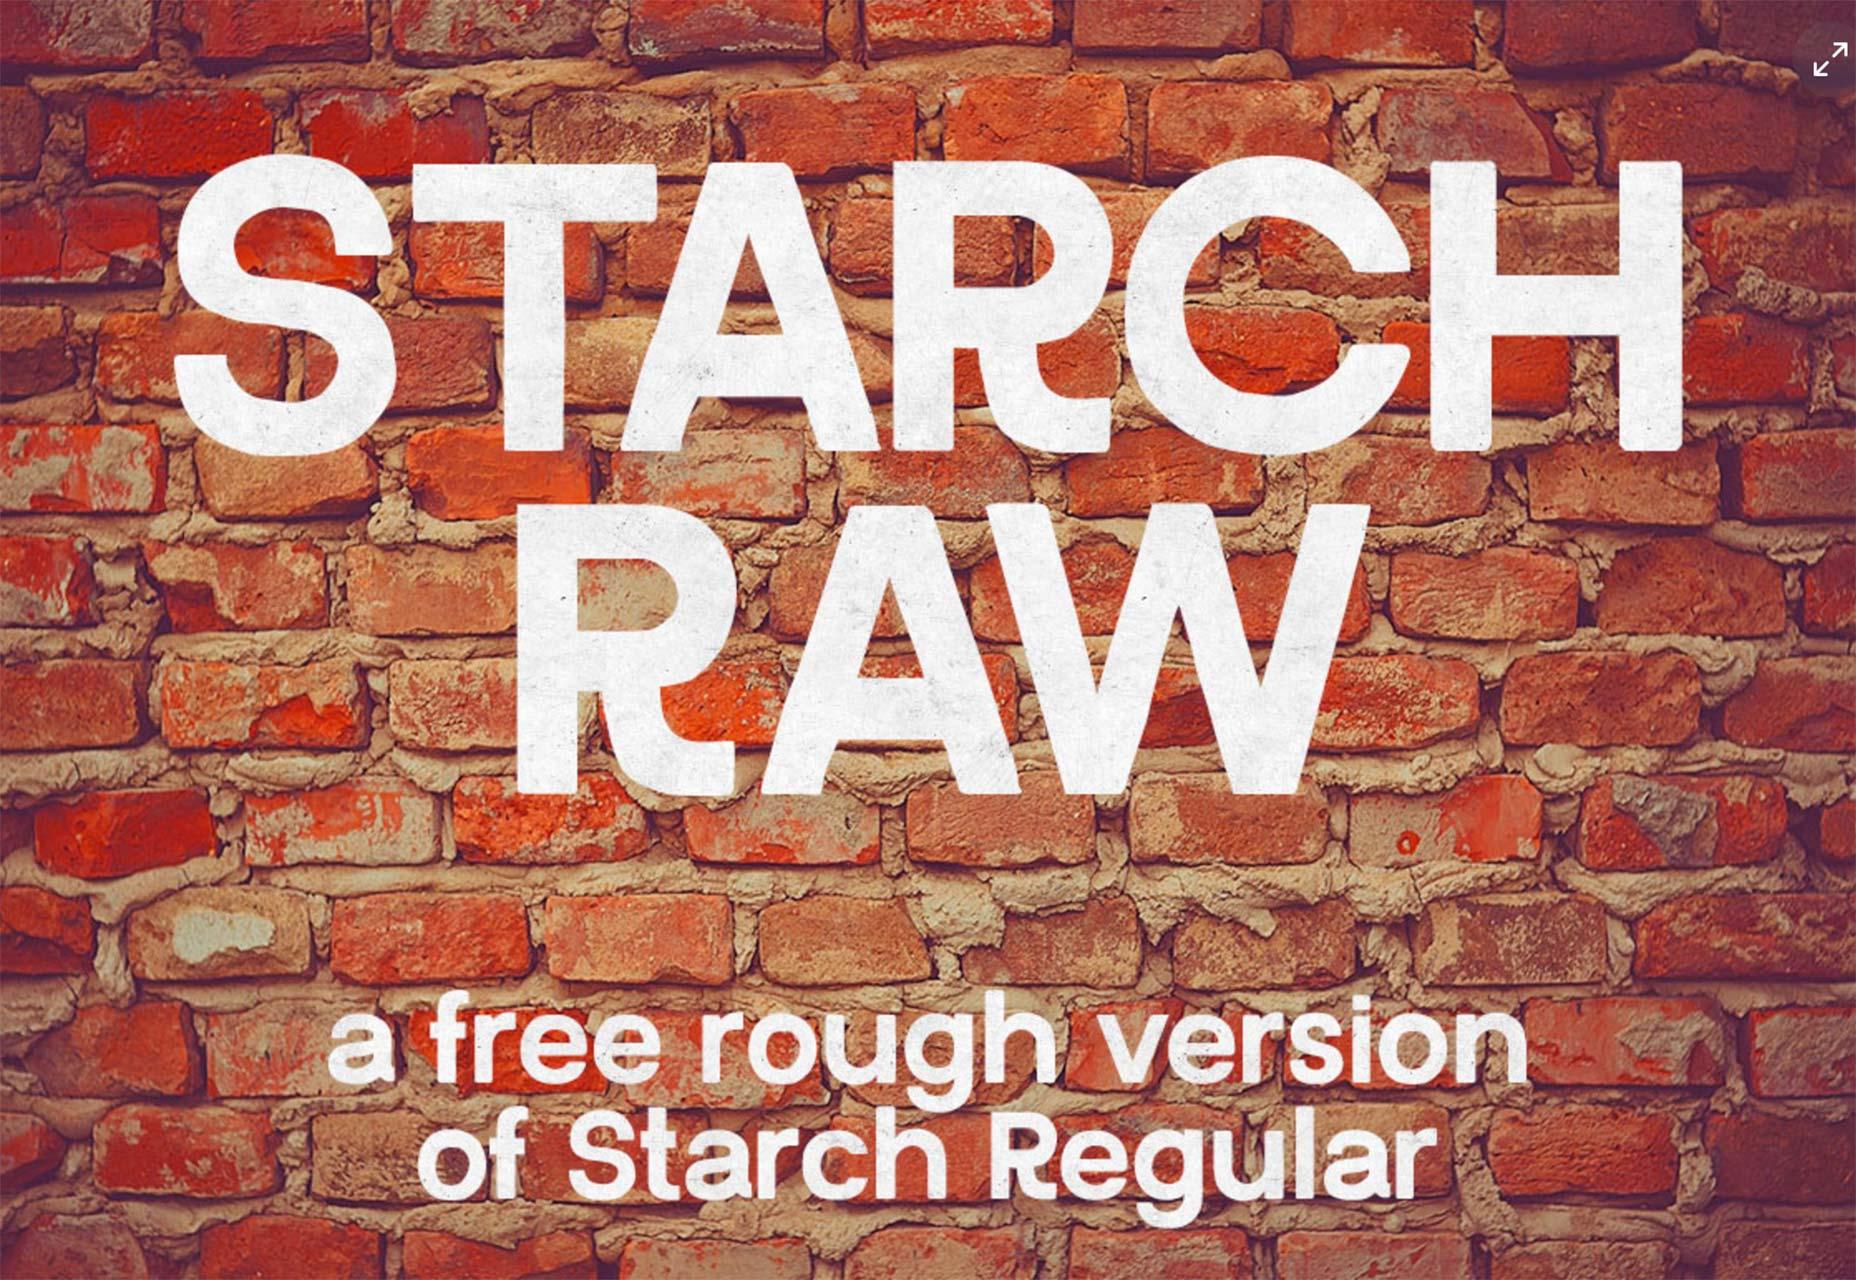 starchraw